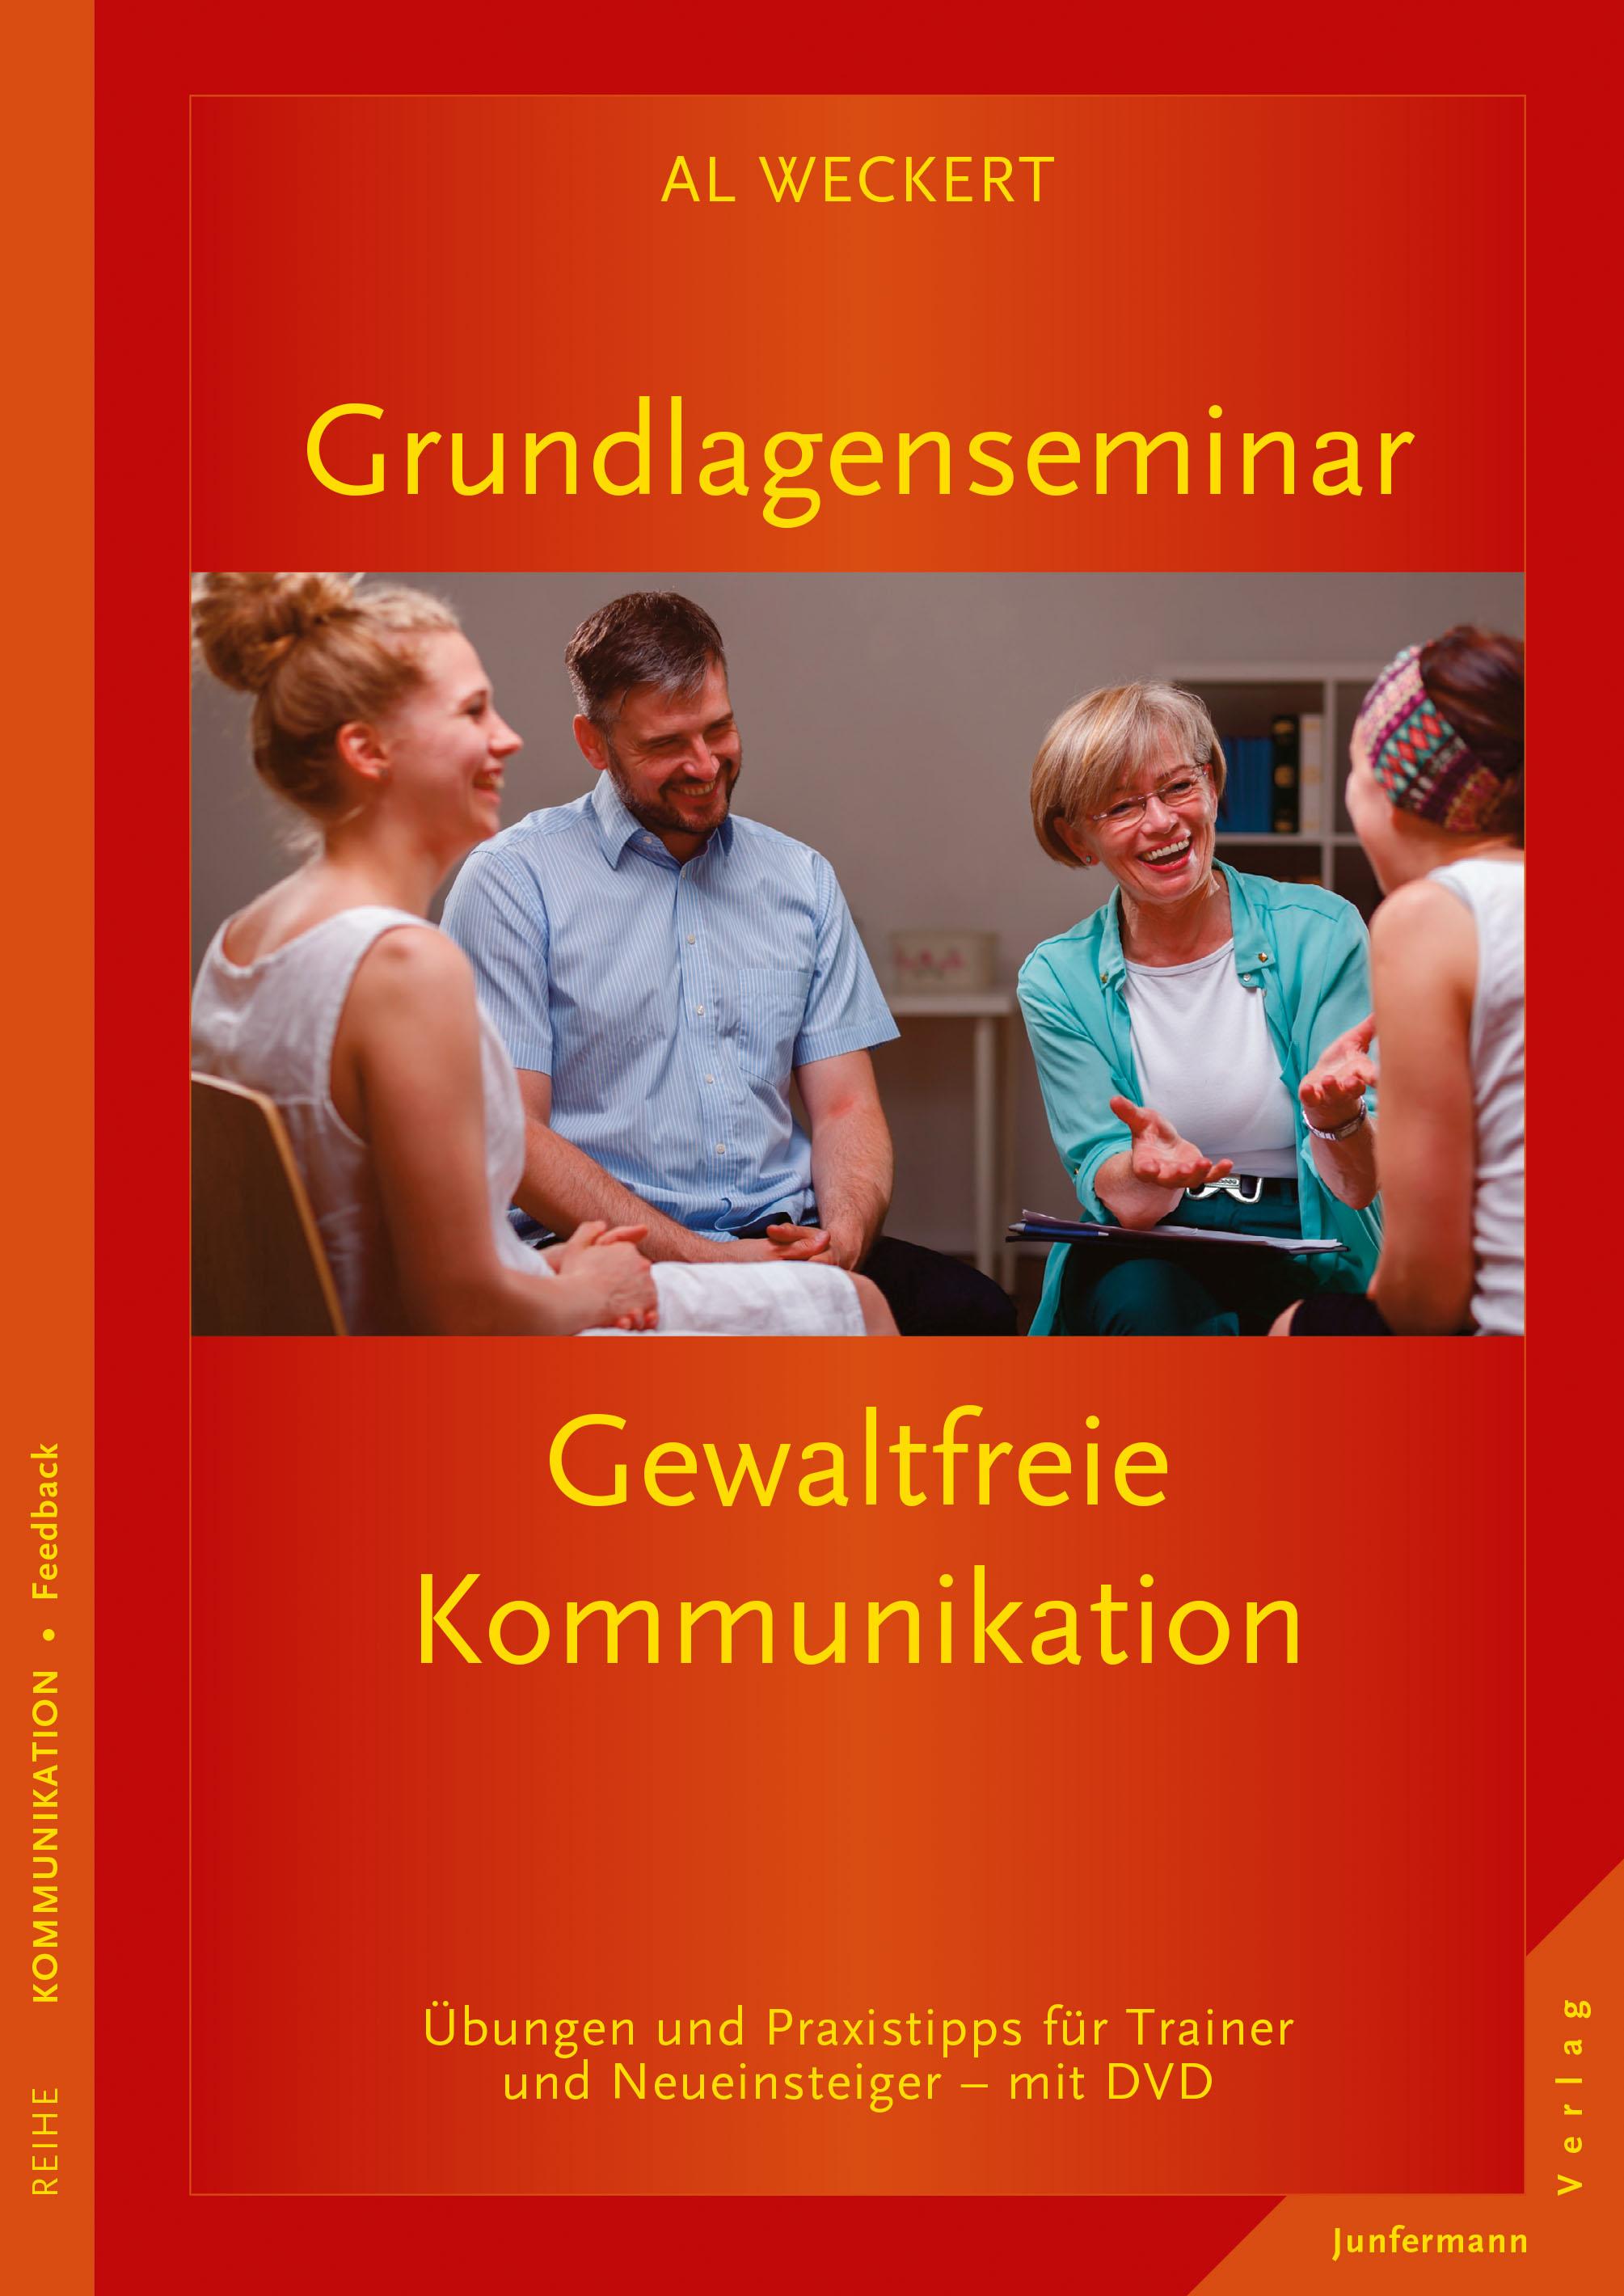 Grundlagenseminar Gewaltfreie Kommunikation Al Weckert